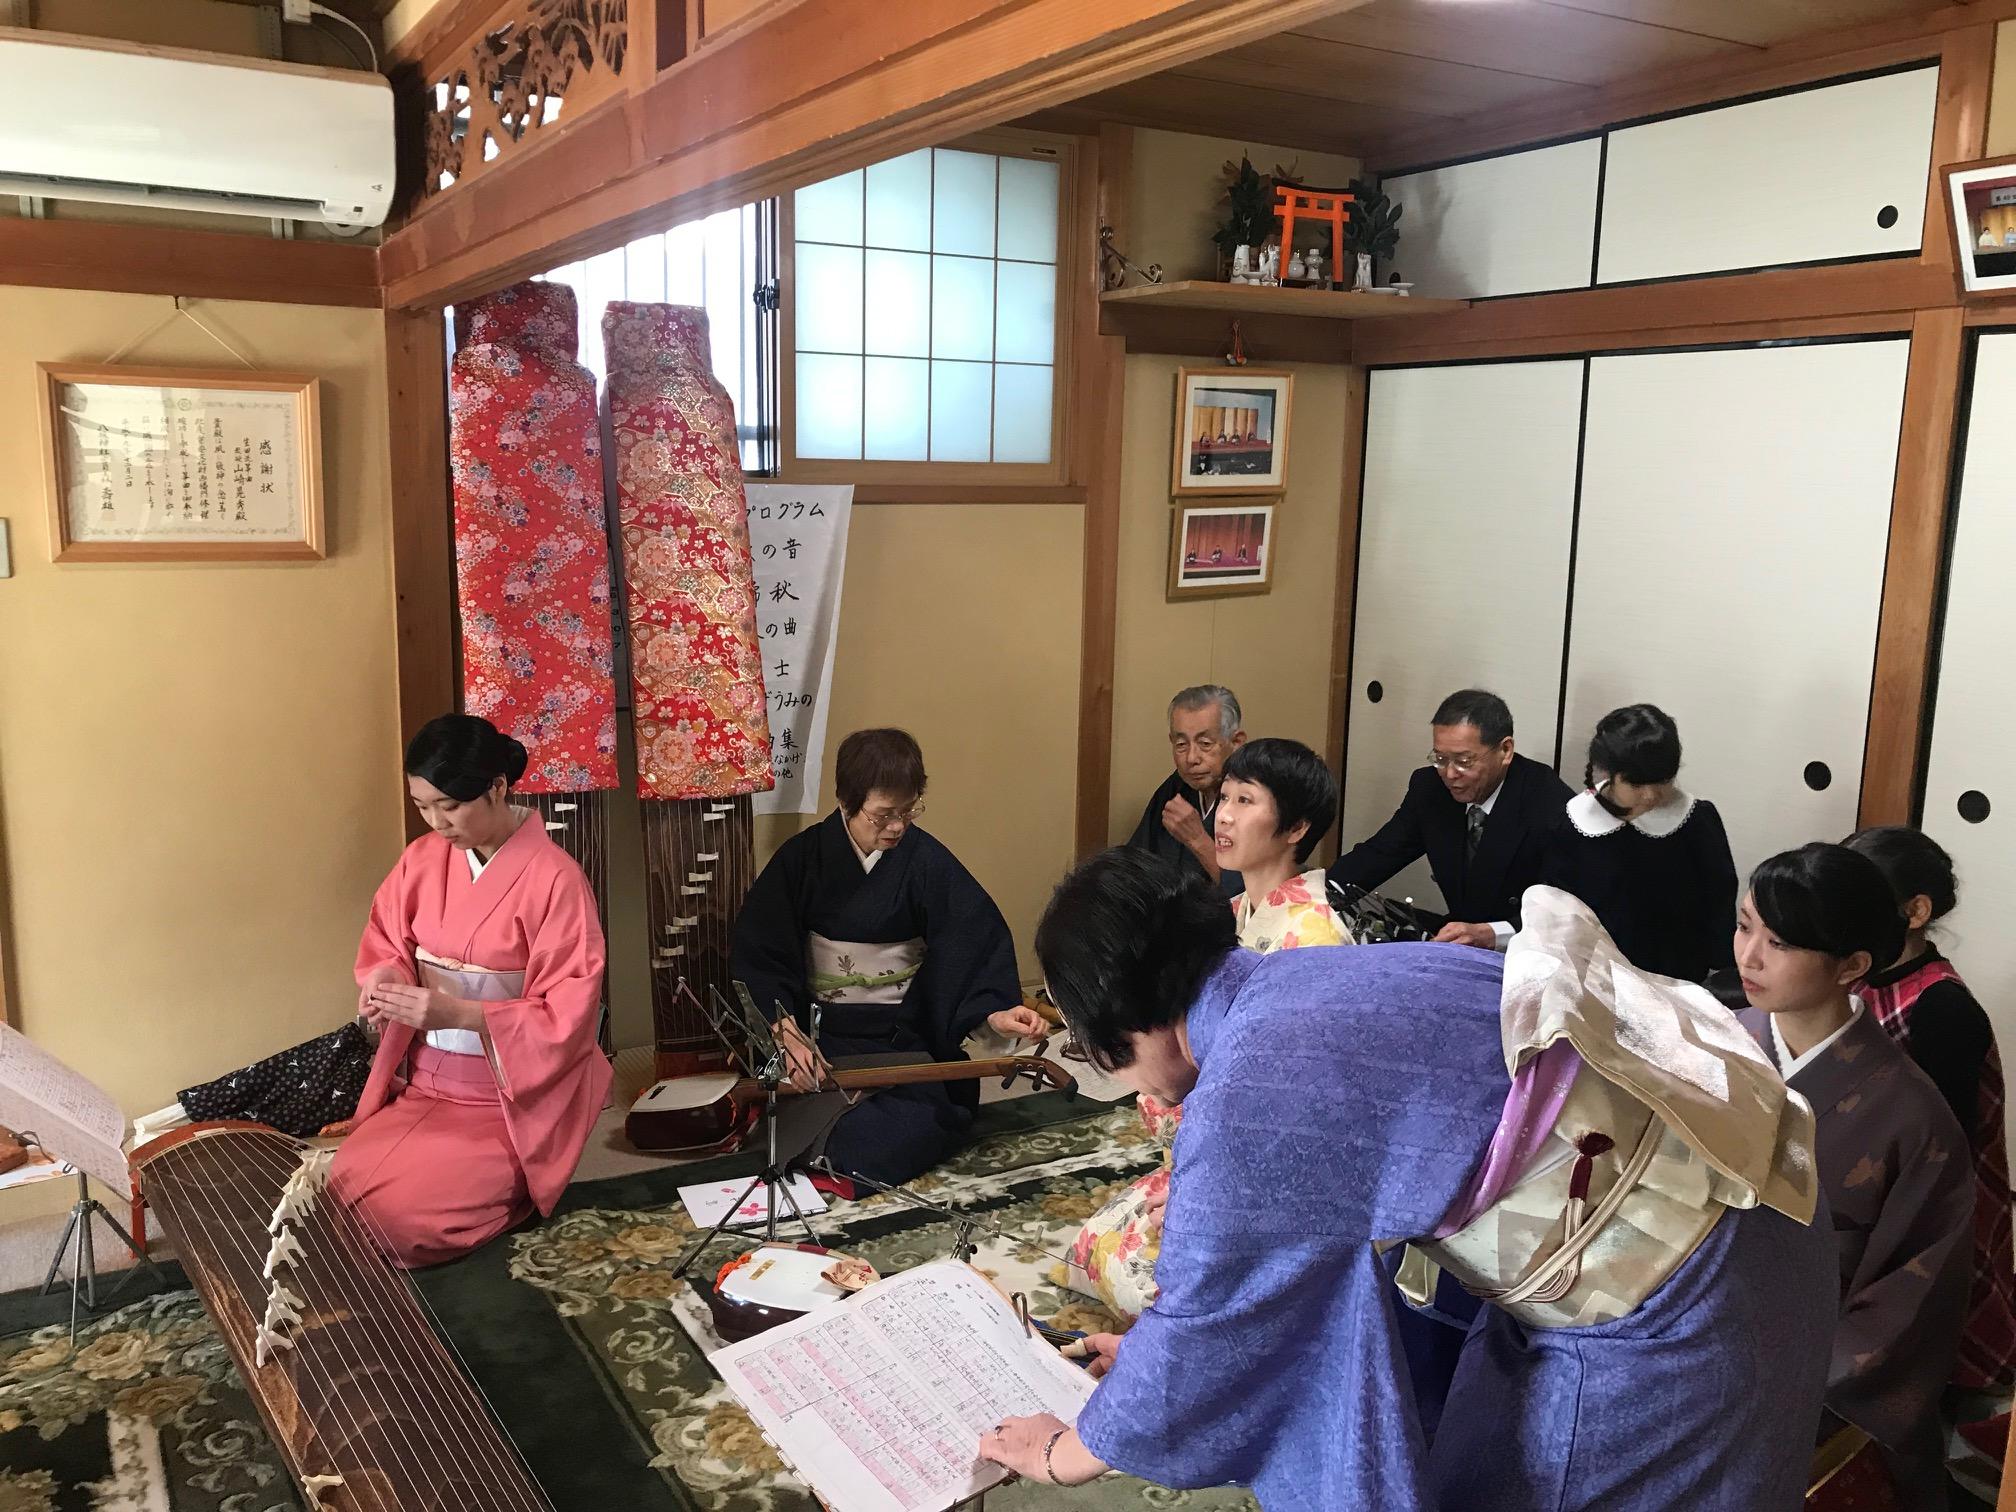 12月14日、京都の実家で『事始め』が行われました。